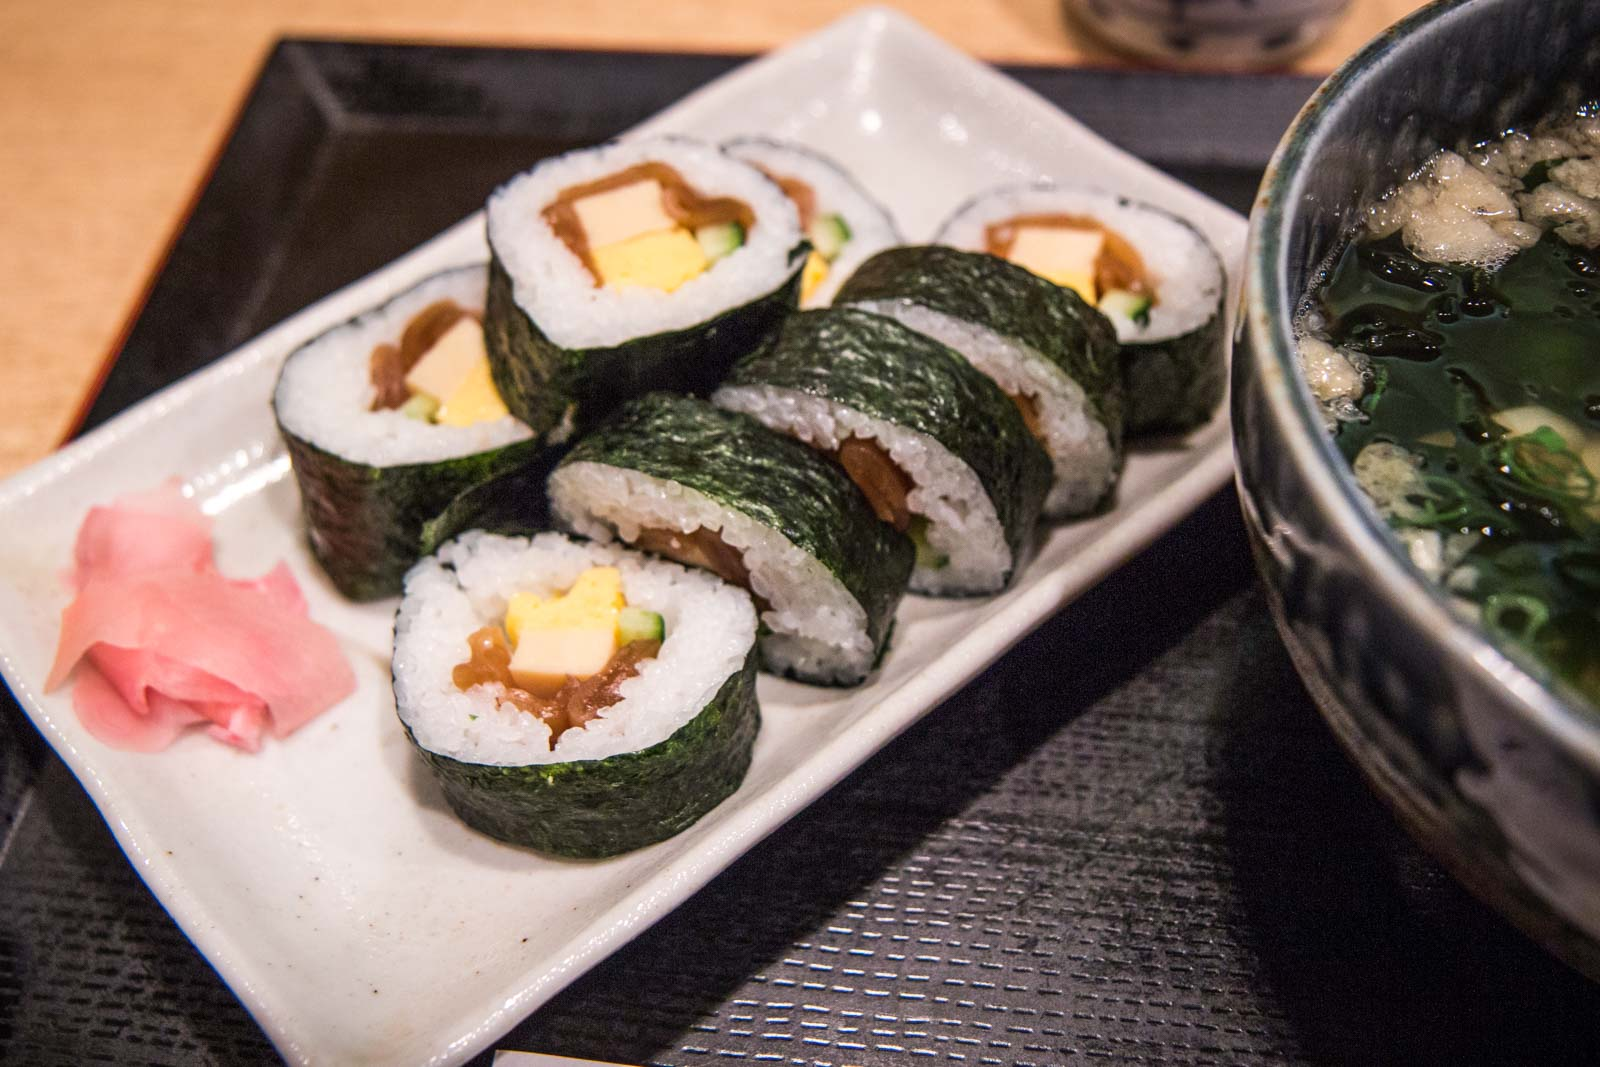 makizushi, japanese food, japanese dishes, types of sushi, seaweed nori and rice